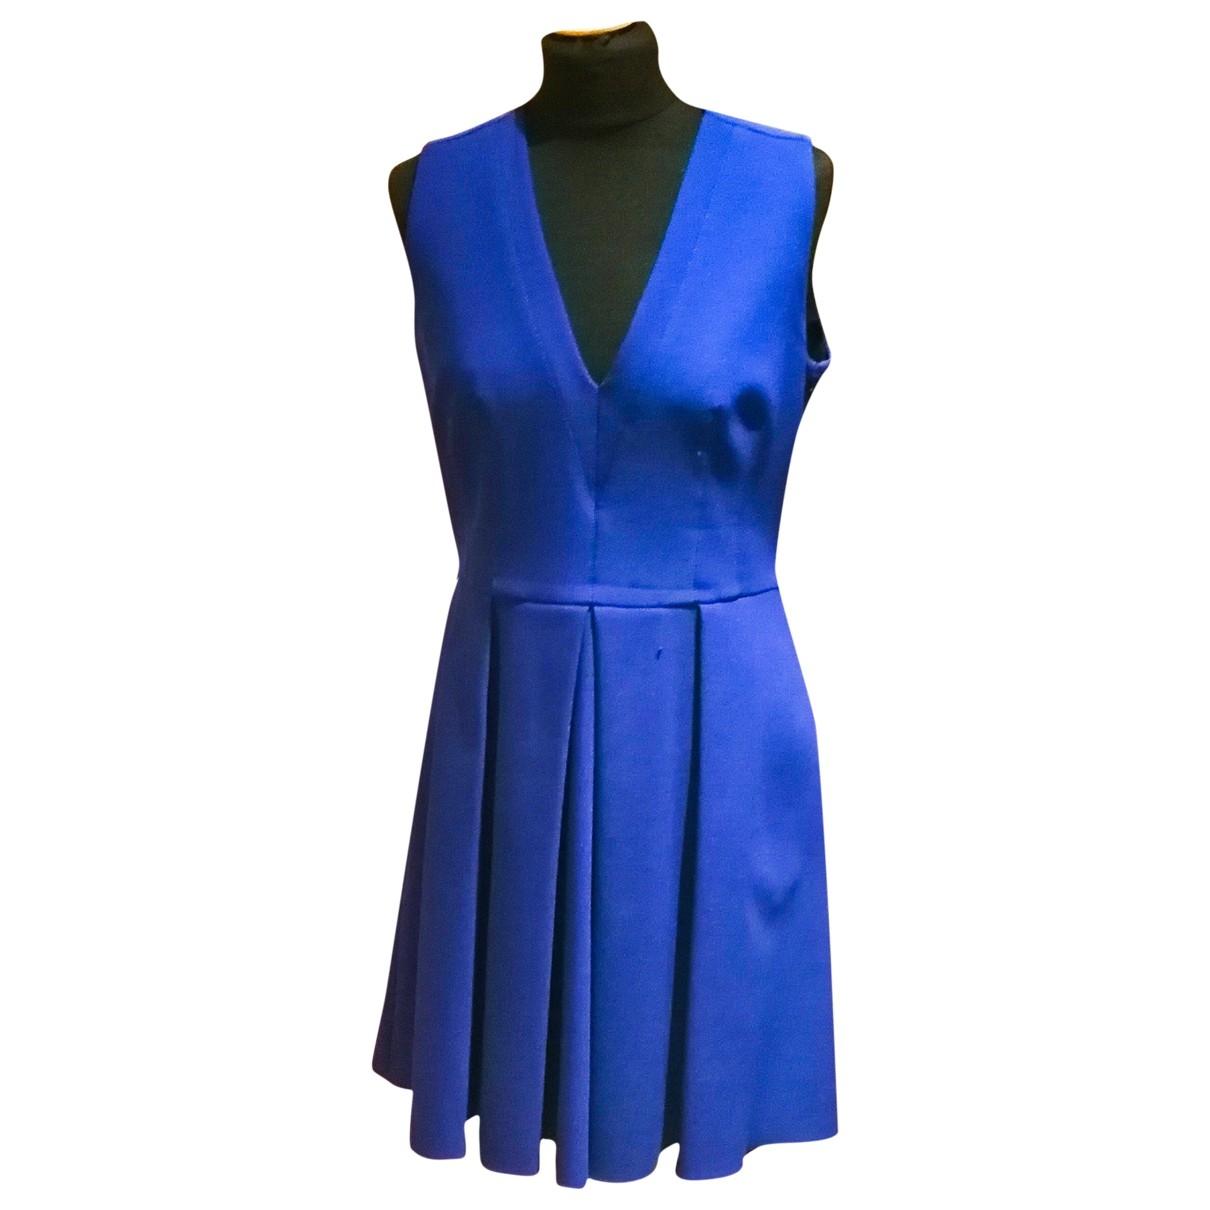 Proenza Schouler \N Blue Wool dress for Women 10 US